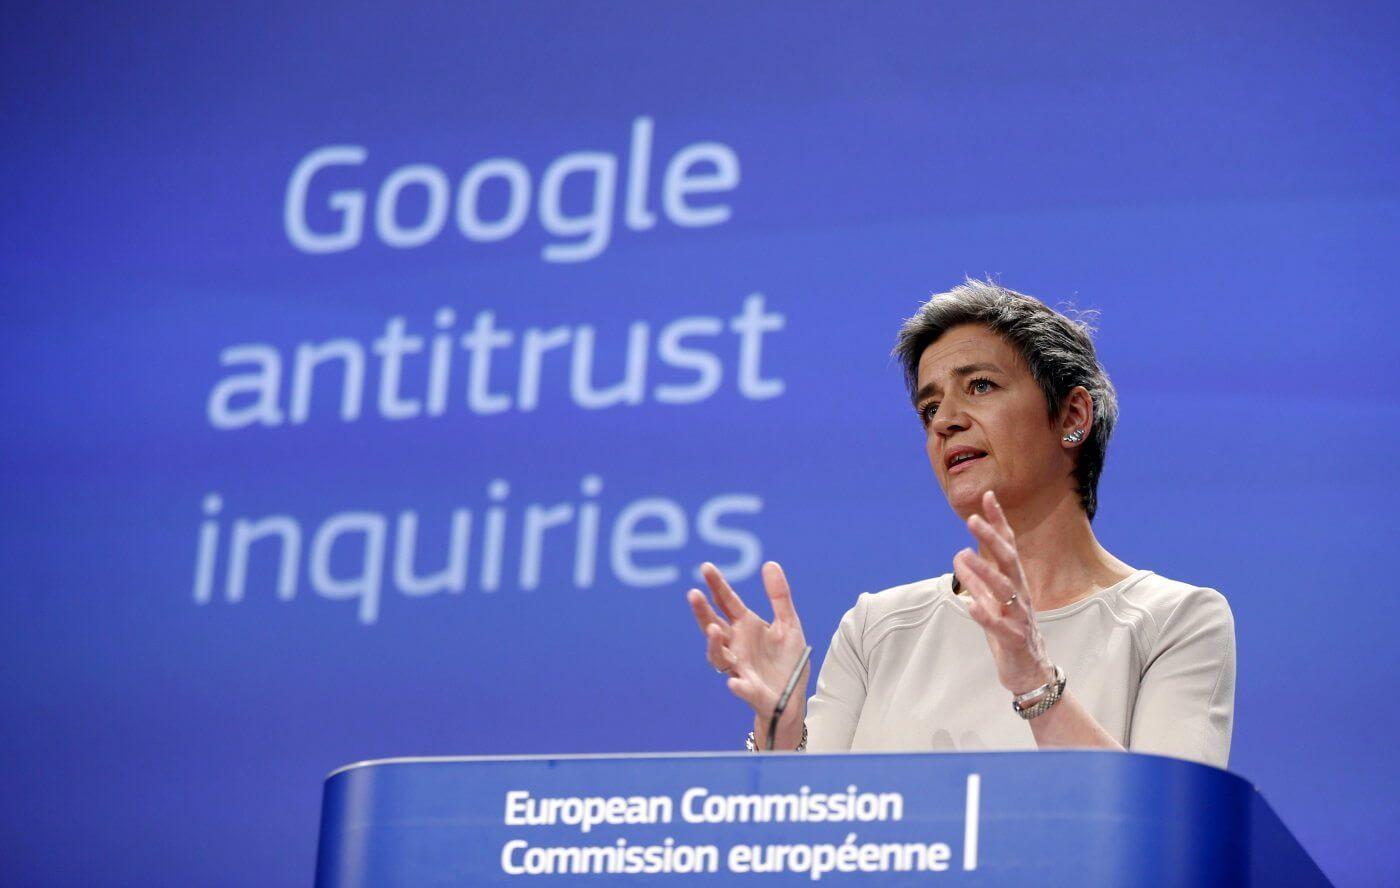 Margrethe Vestager, encarregada da União Europeia para assuntos relacionados à concorrência